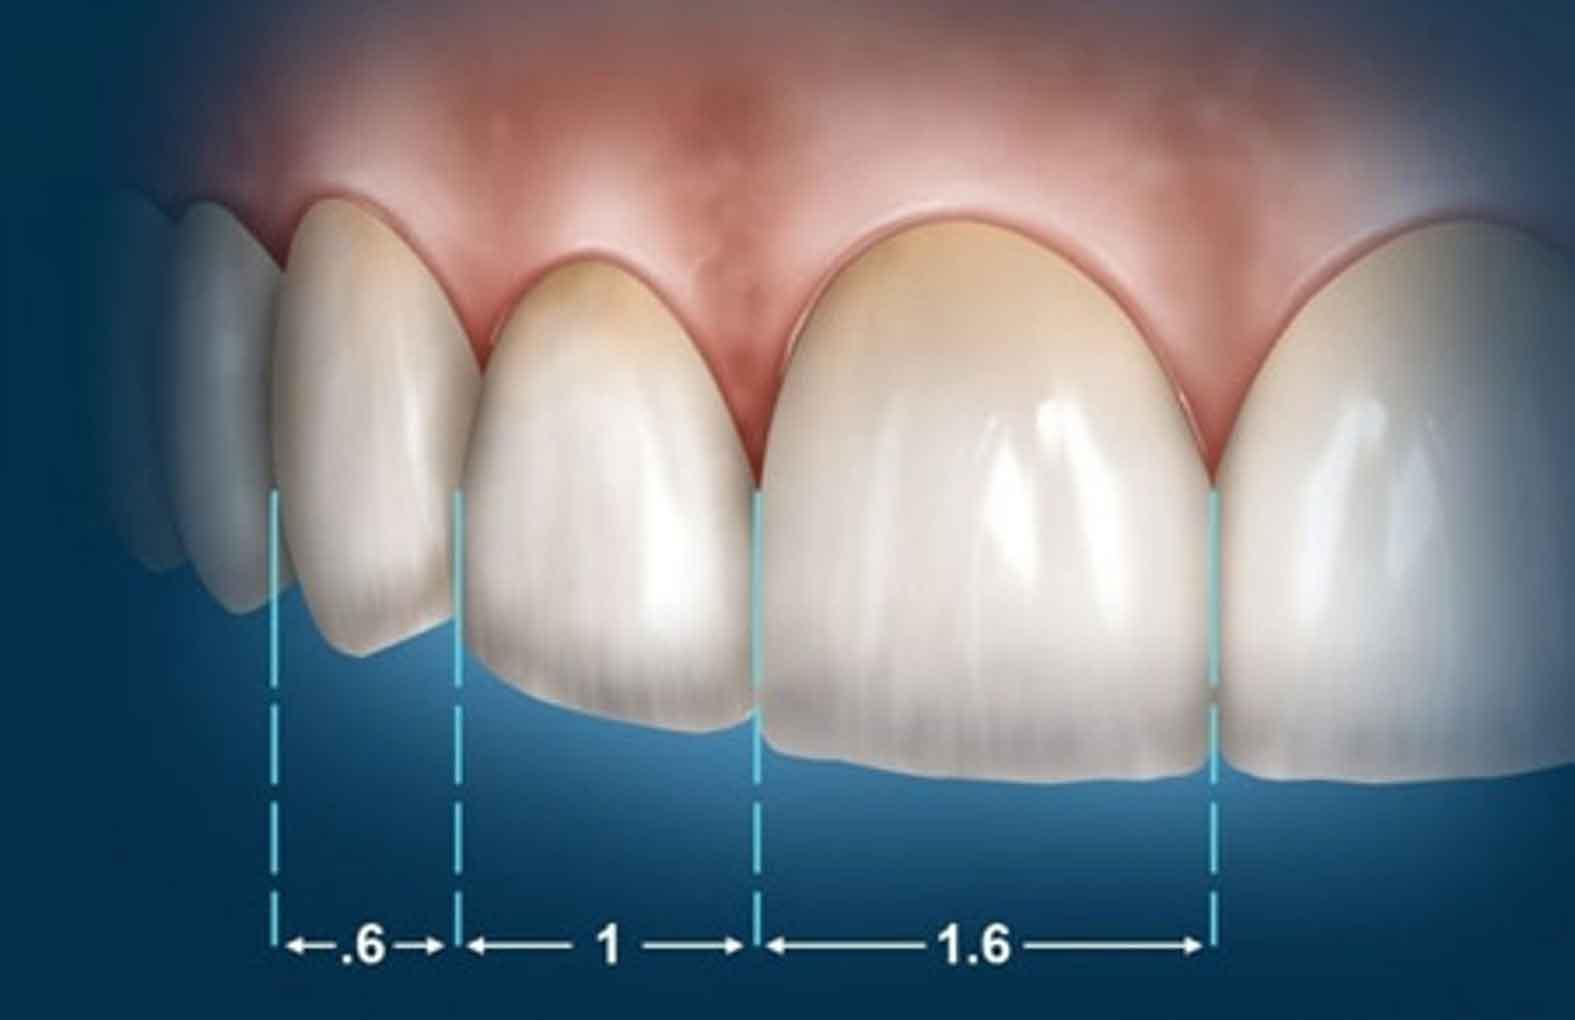 نسبت طلایی در دندان ها 1 زیبایی و نسبت طلایی